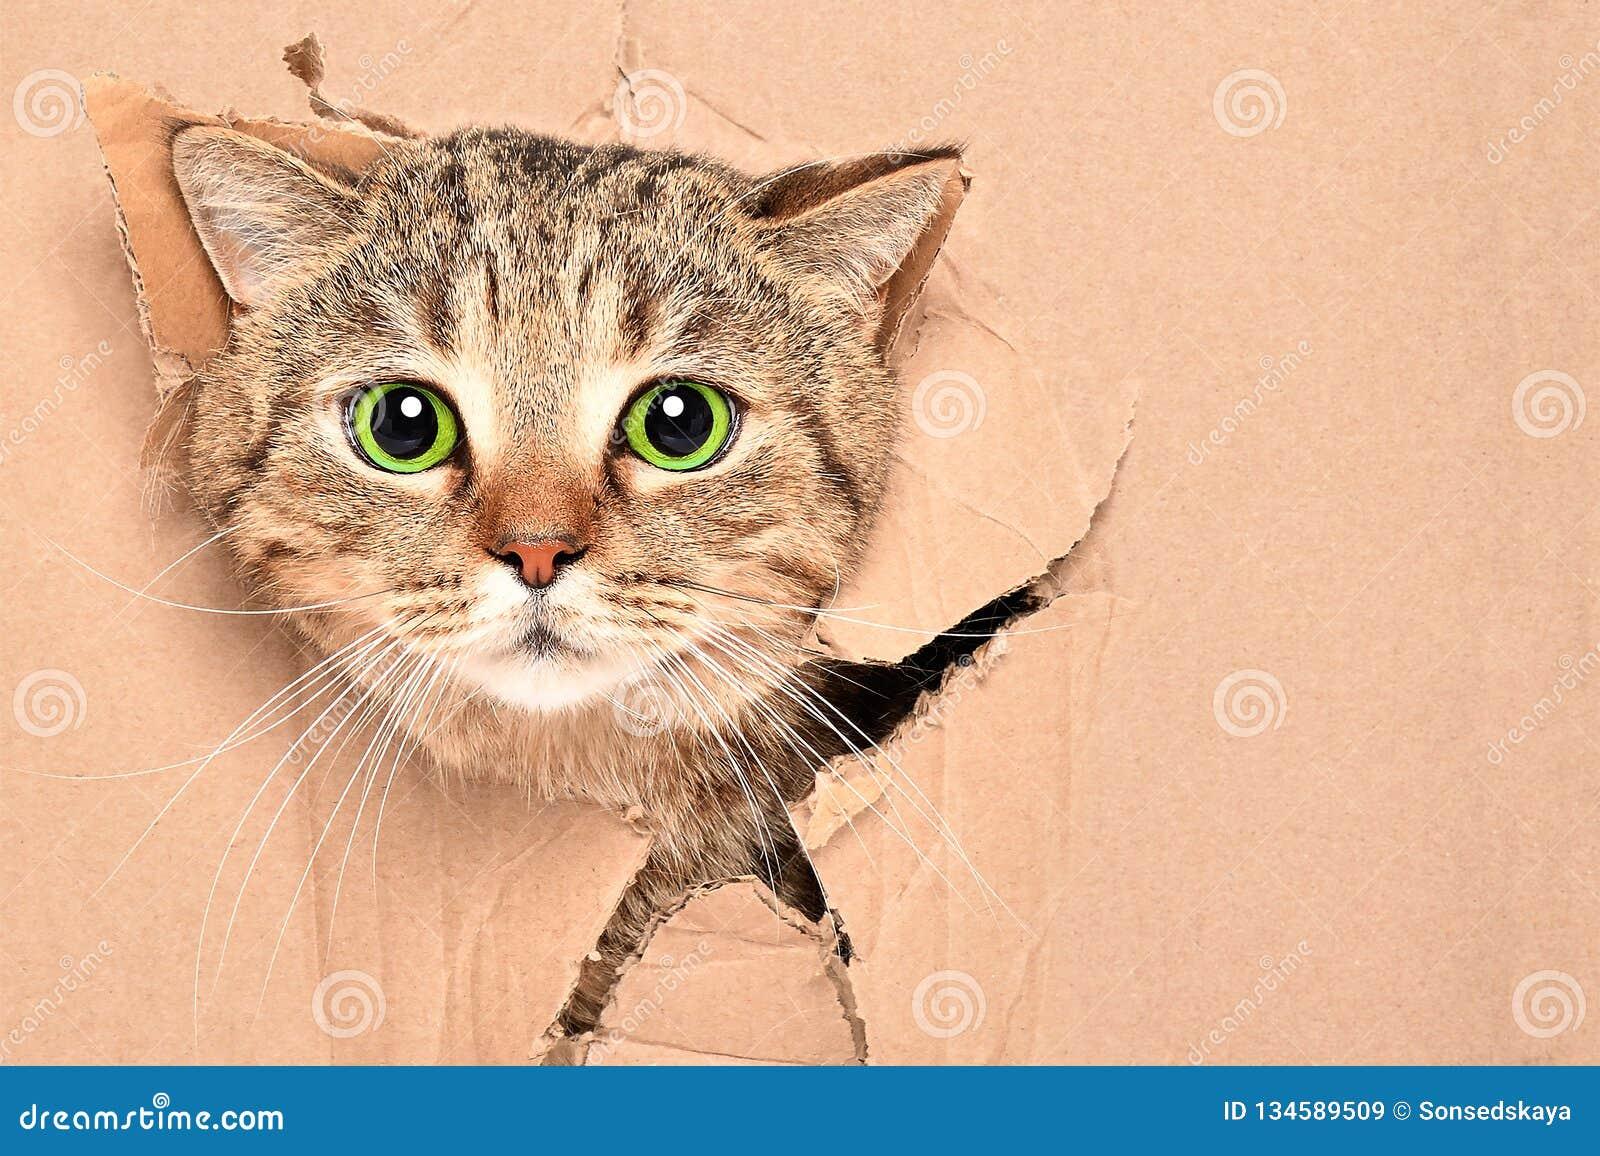 Lustige nette Katze schaut aus einem heftigen Loch in einem Kasten heraus